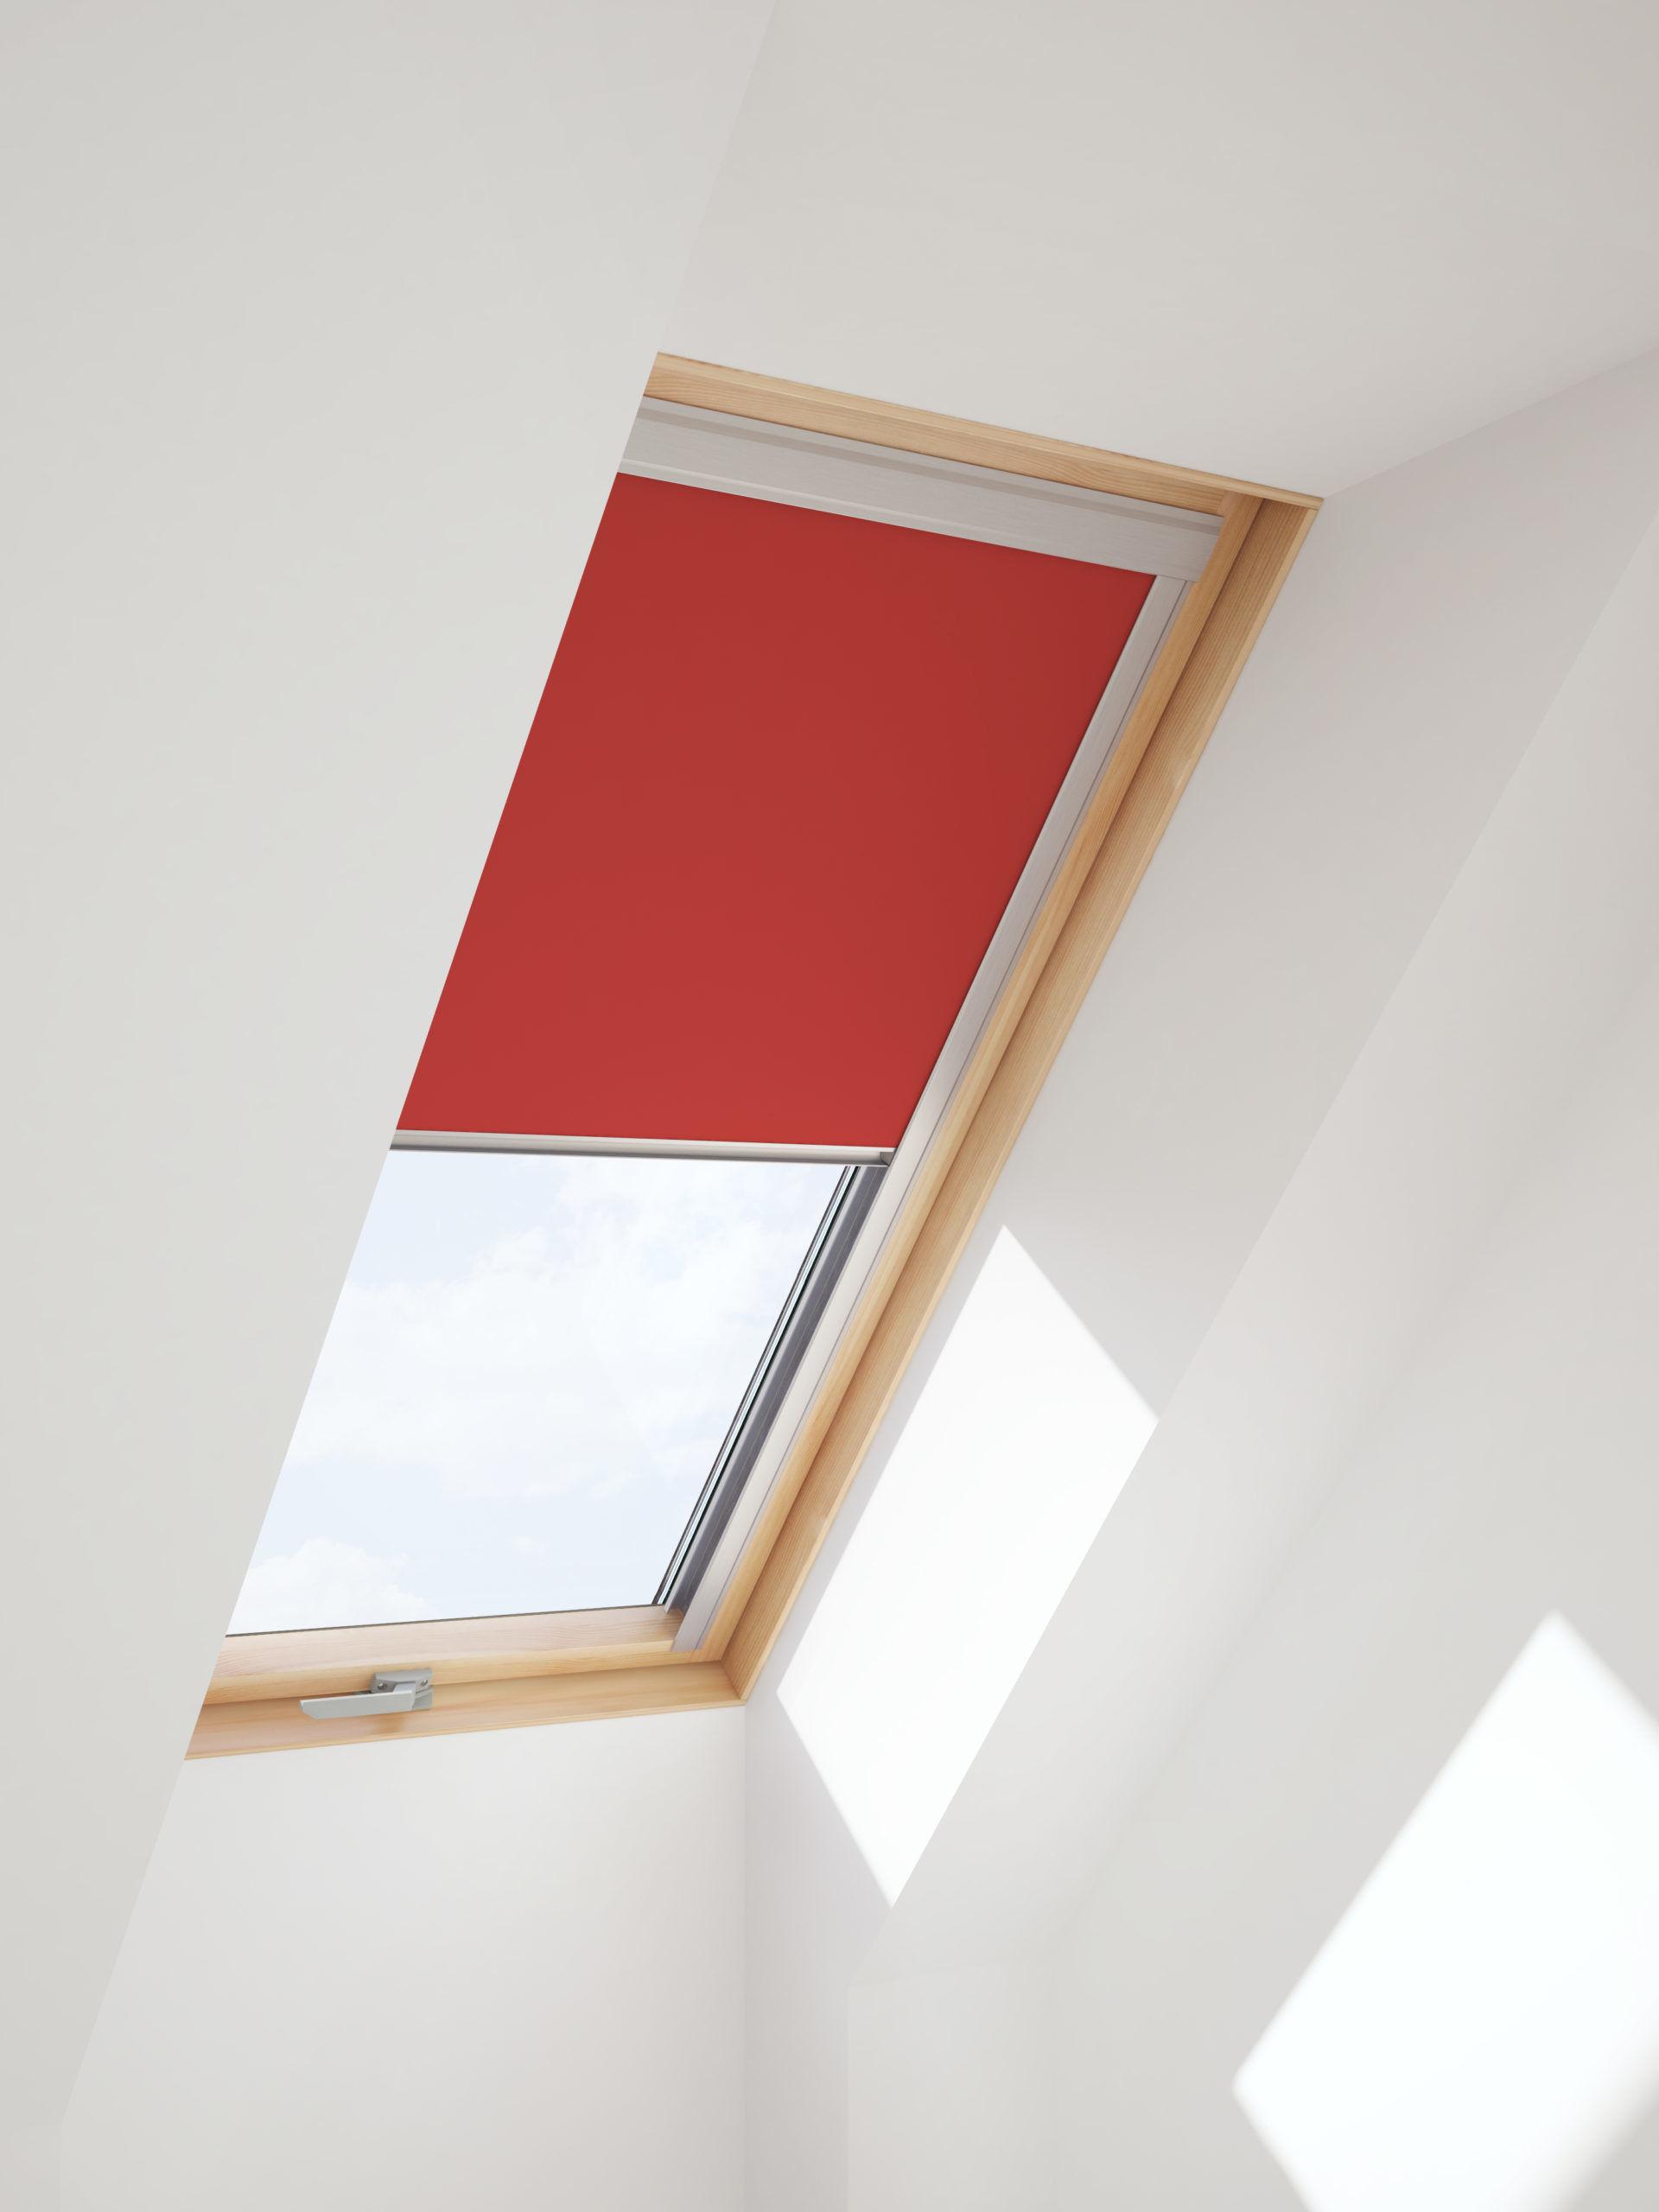 ROLETA ZACIEMNIAJĄCA ROOFART DUR - kolor 4213 (czerwony) - 78x118 M6A